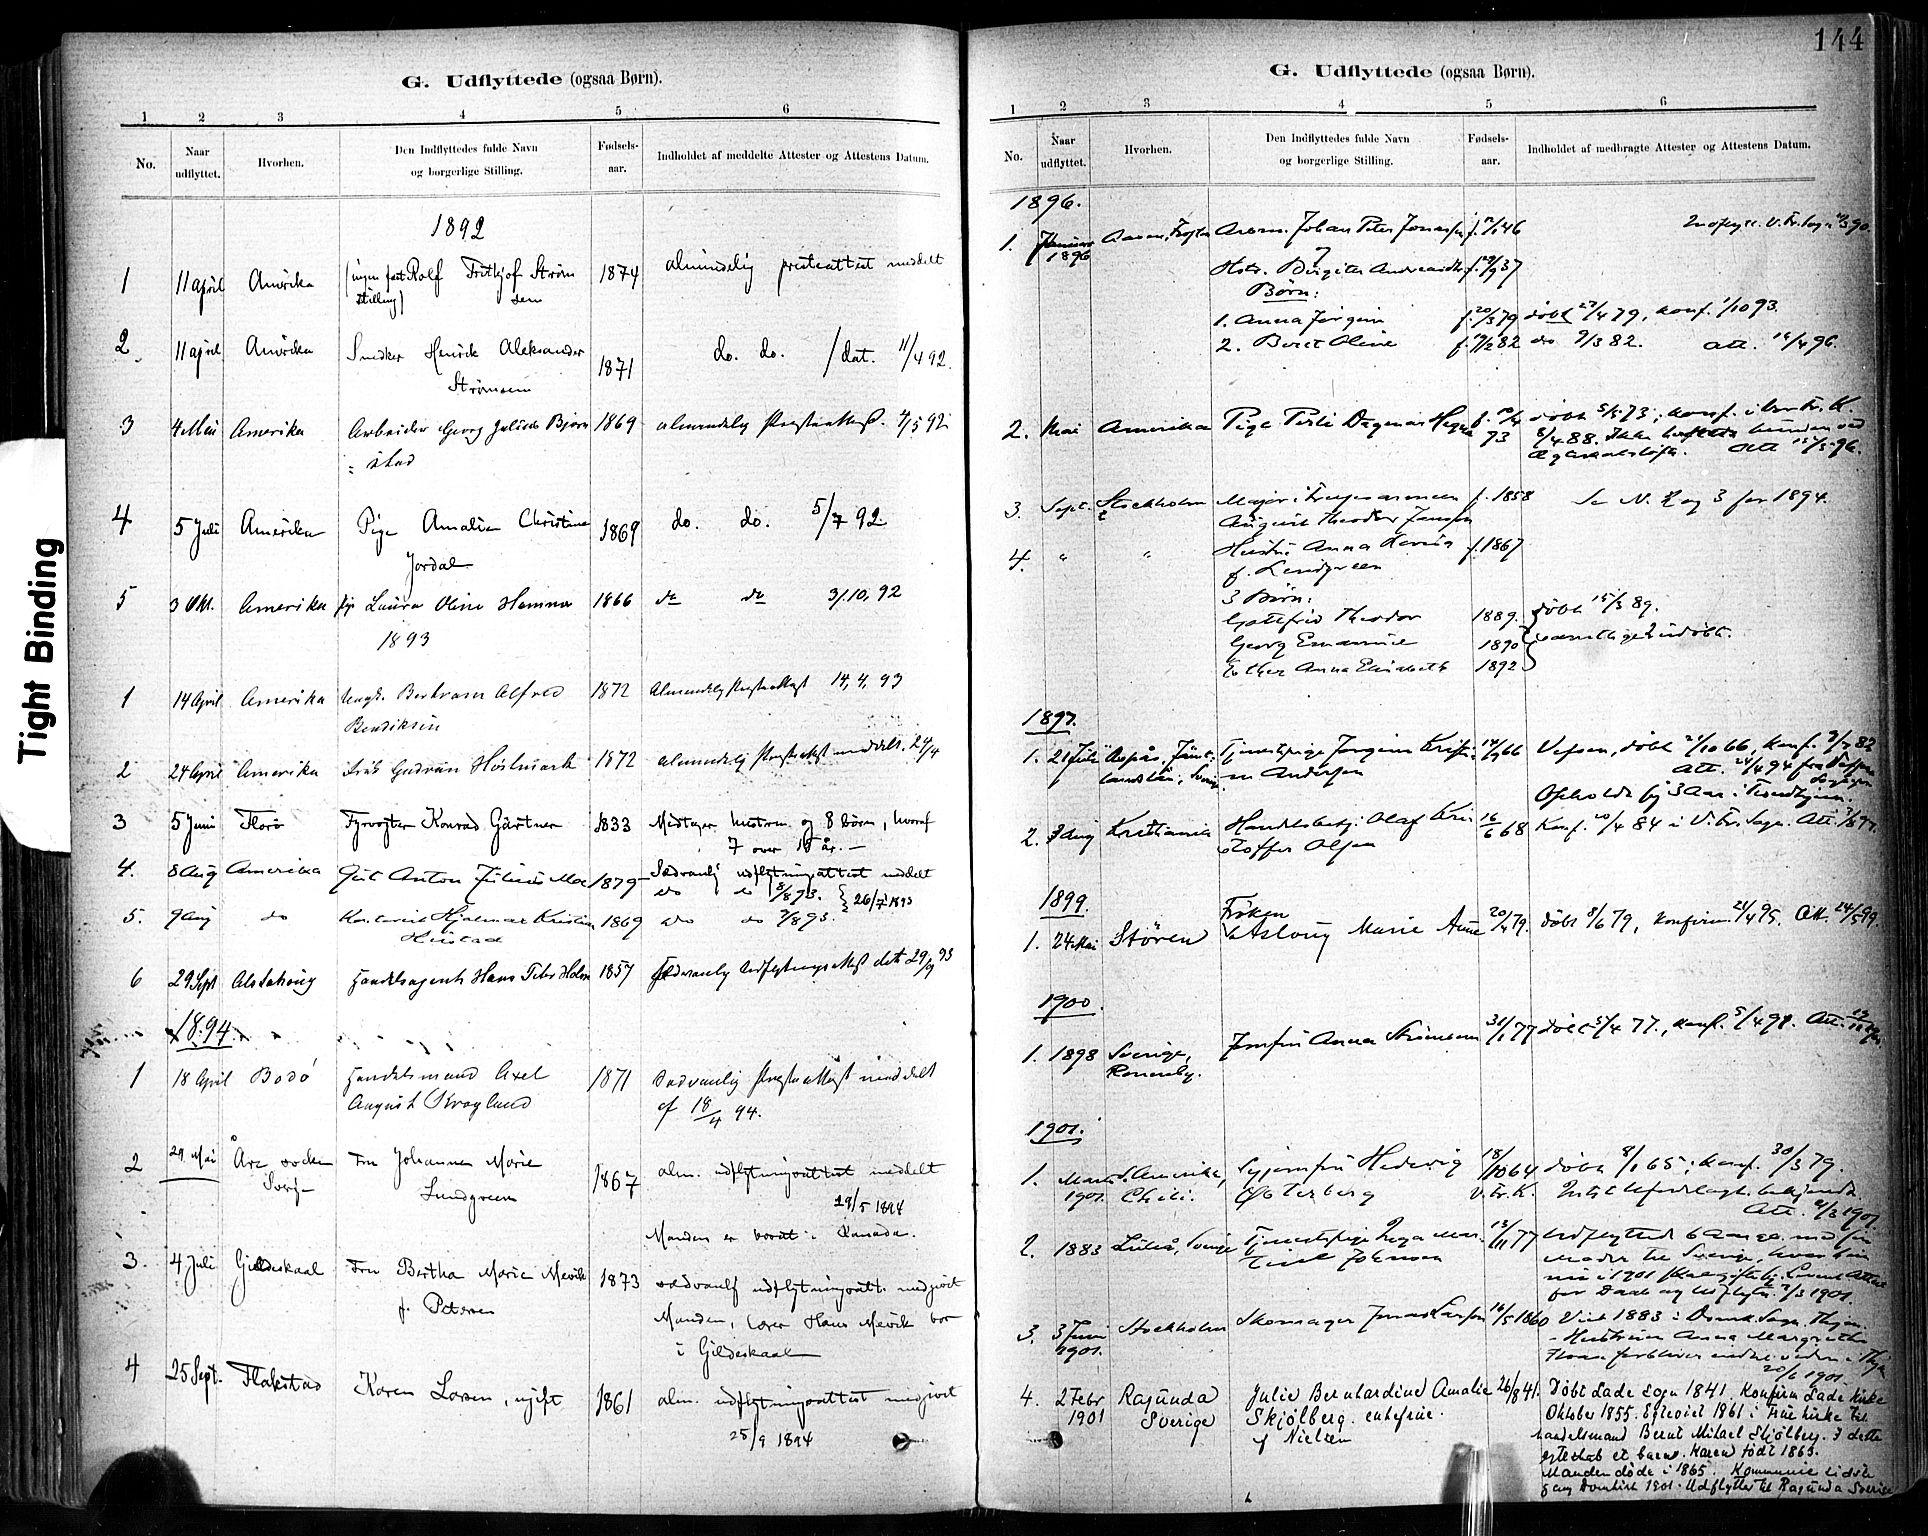 SAT, Ministerialprotokoller, klokkerbøker og fødselsregistre - Sør-Trøndelag, 602/L0120: Ministerialbok nr. 602A18, 1880-1913, s. 144